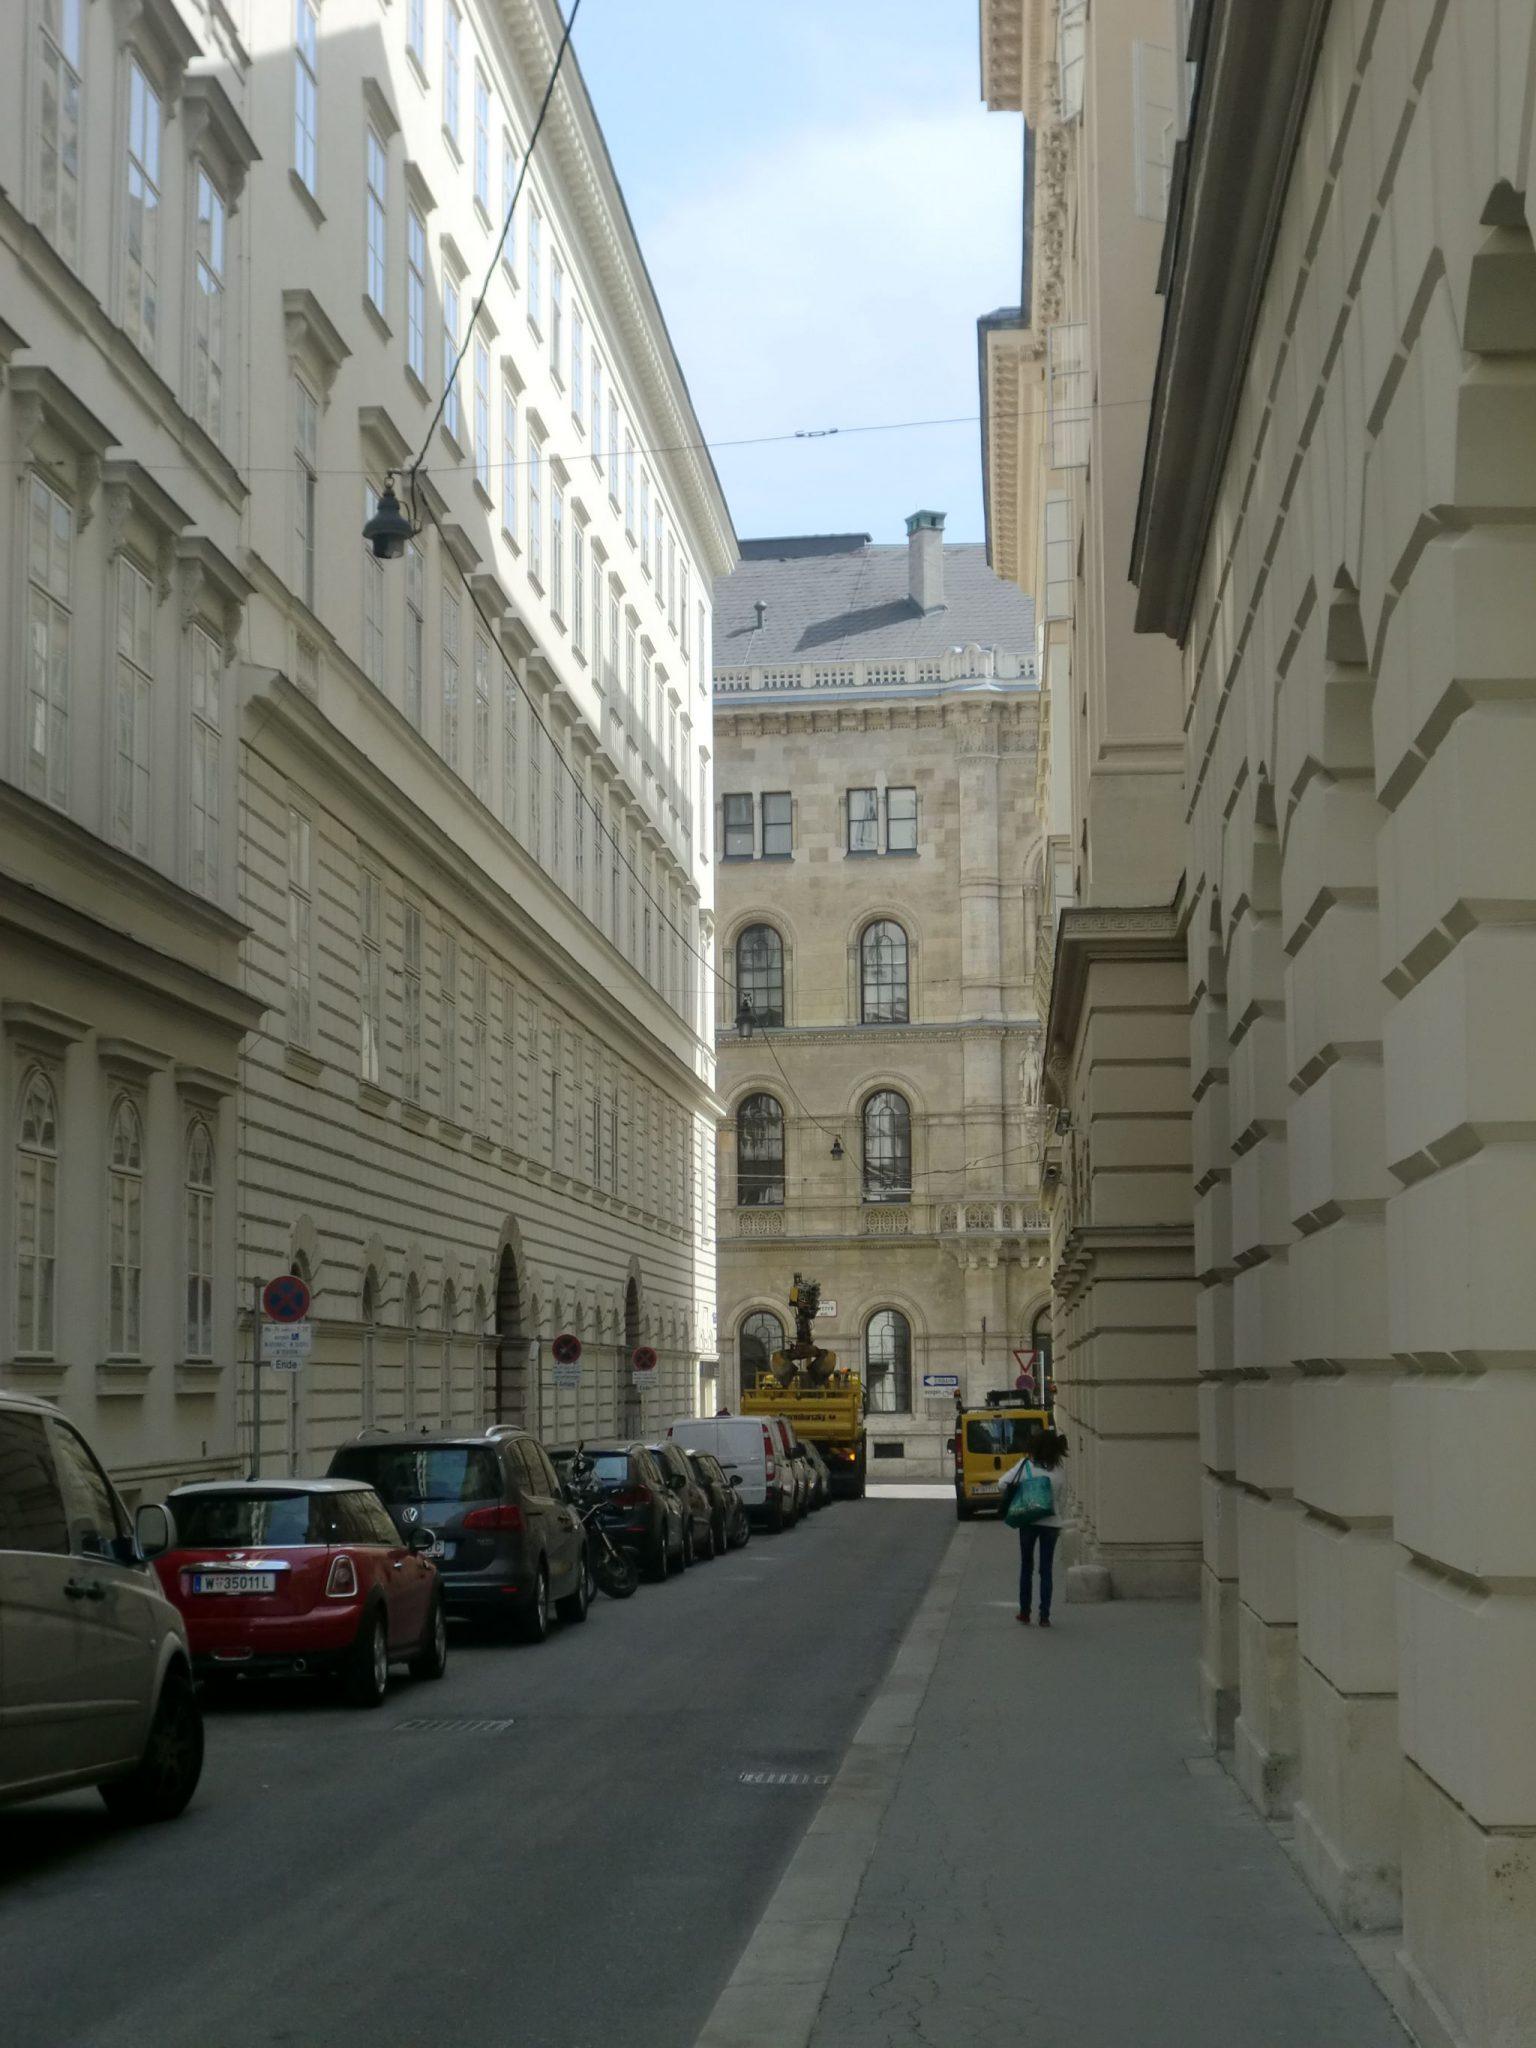 Vienna architecture 10 1440x1920 - Vienna: elegant beauty